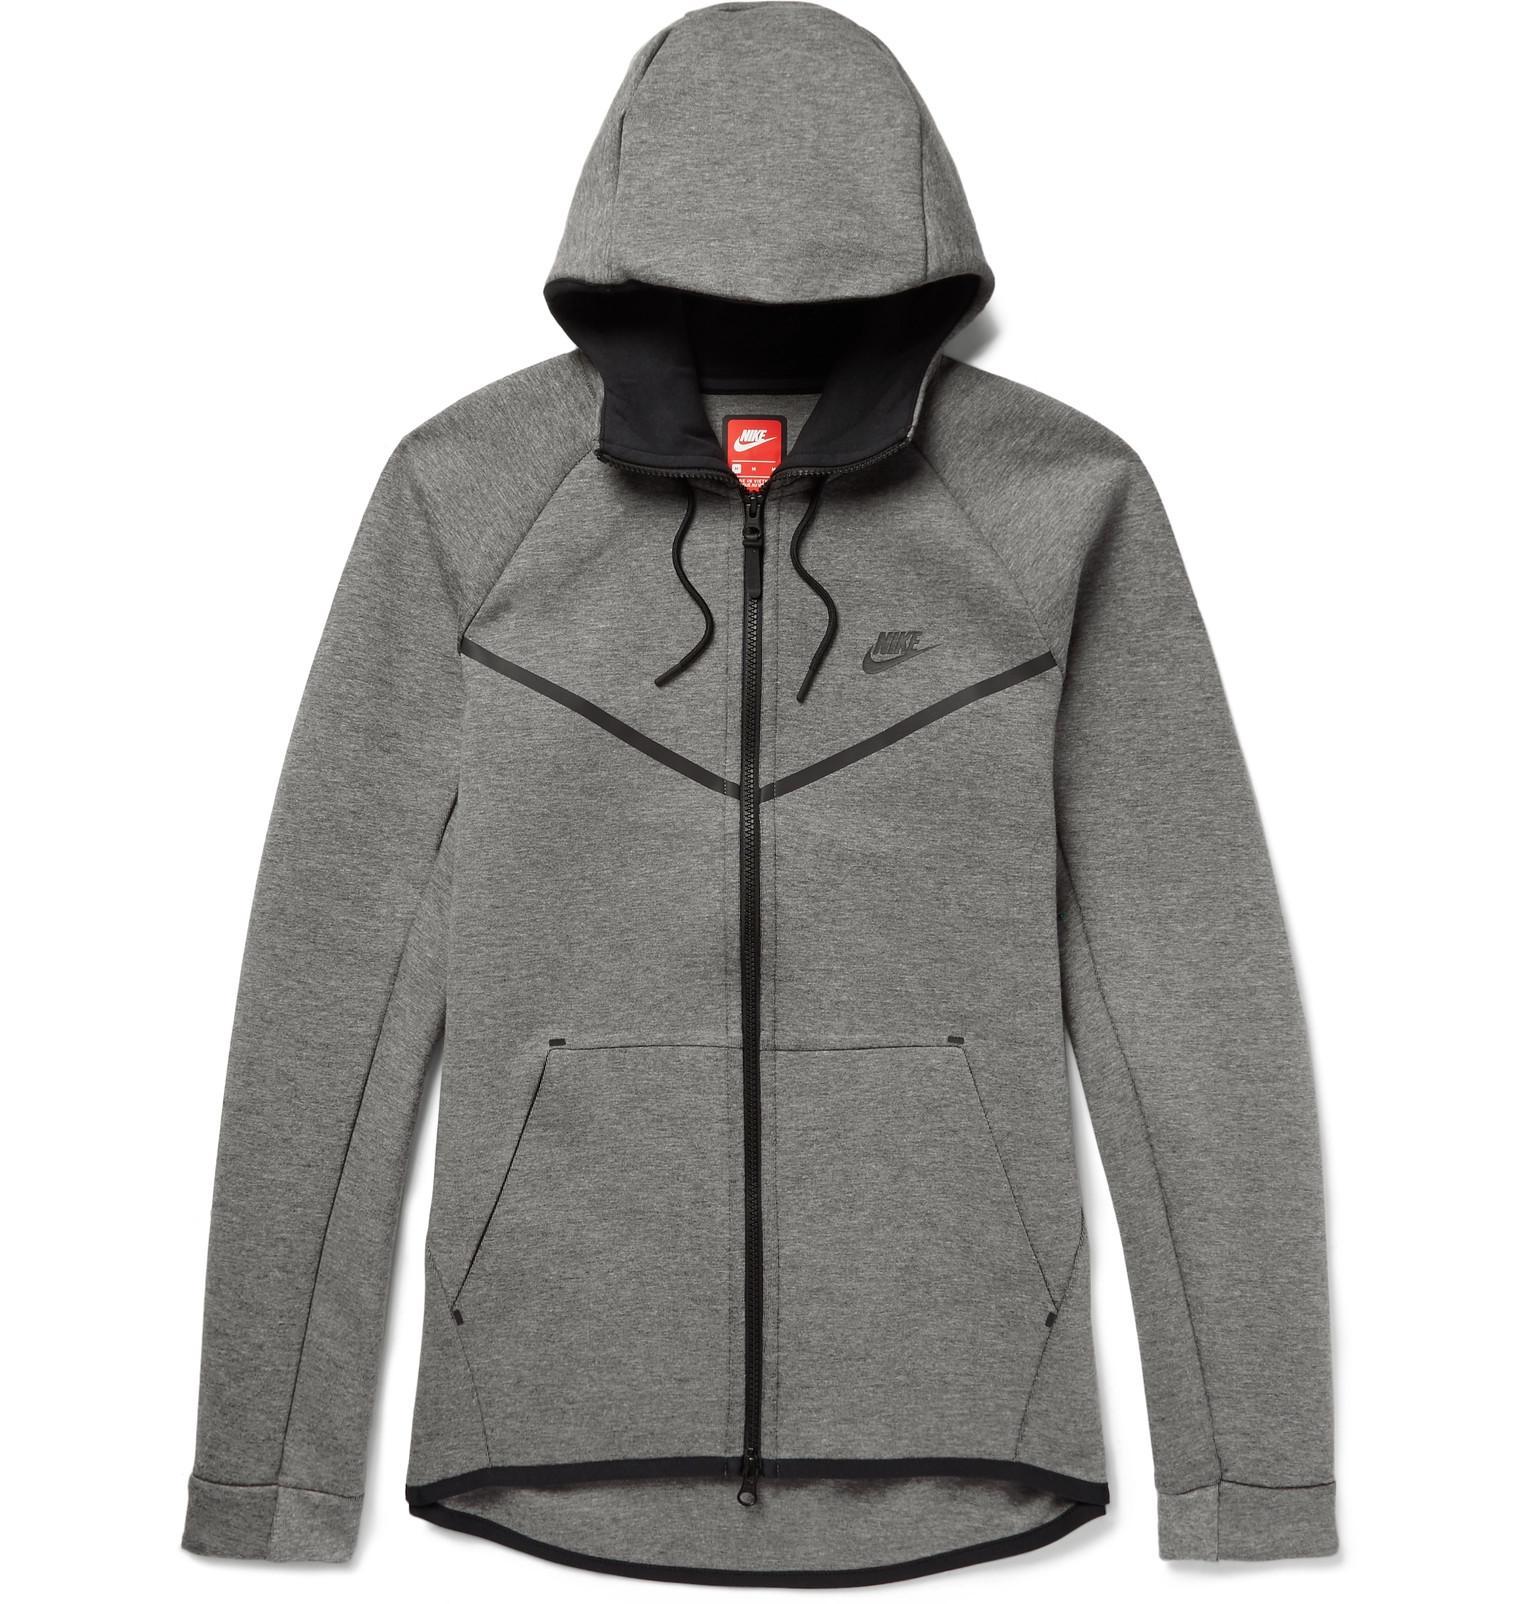 Sportswear Cotton-blend Tech Fleece Sweatshirt Nike Sale 100% Original Outlet Best Store To Get 4j6KLUnAJR